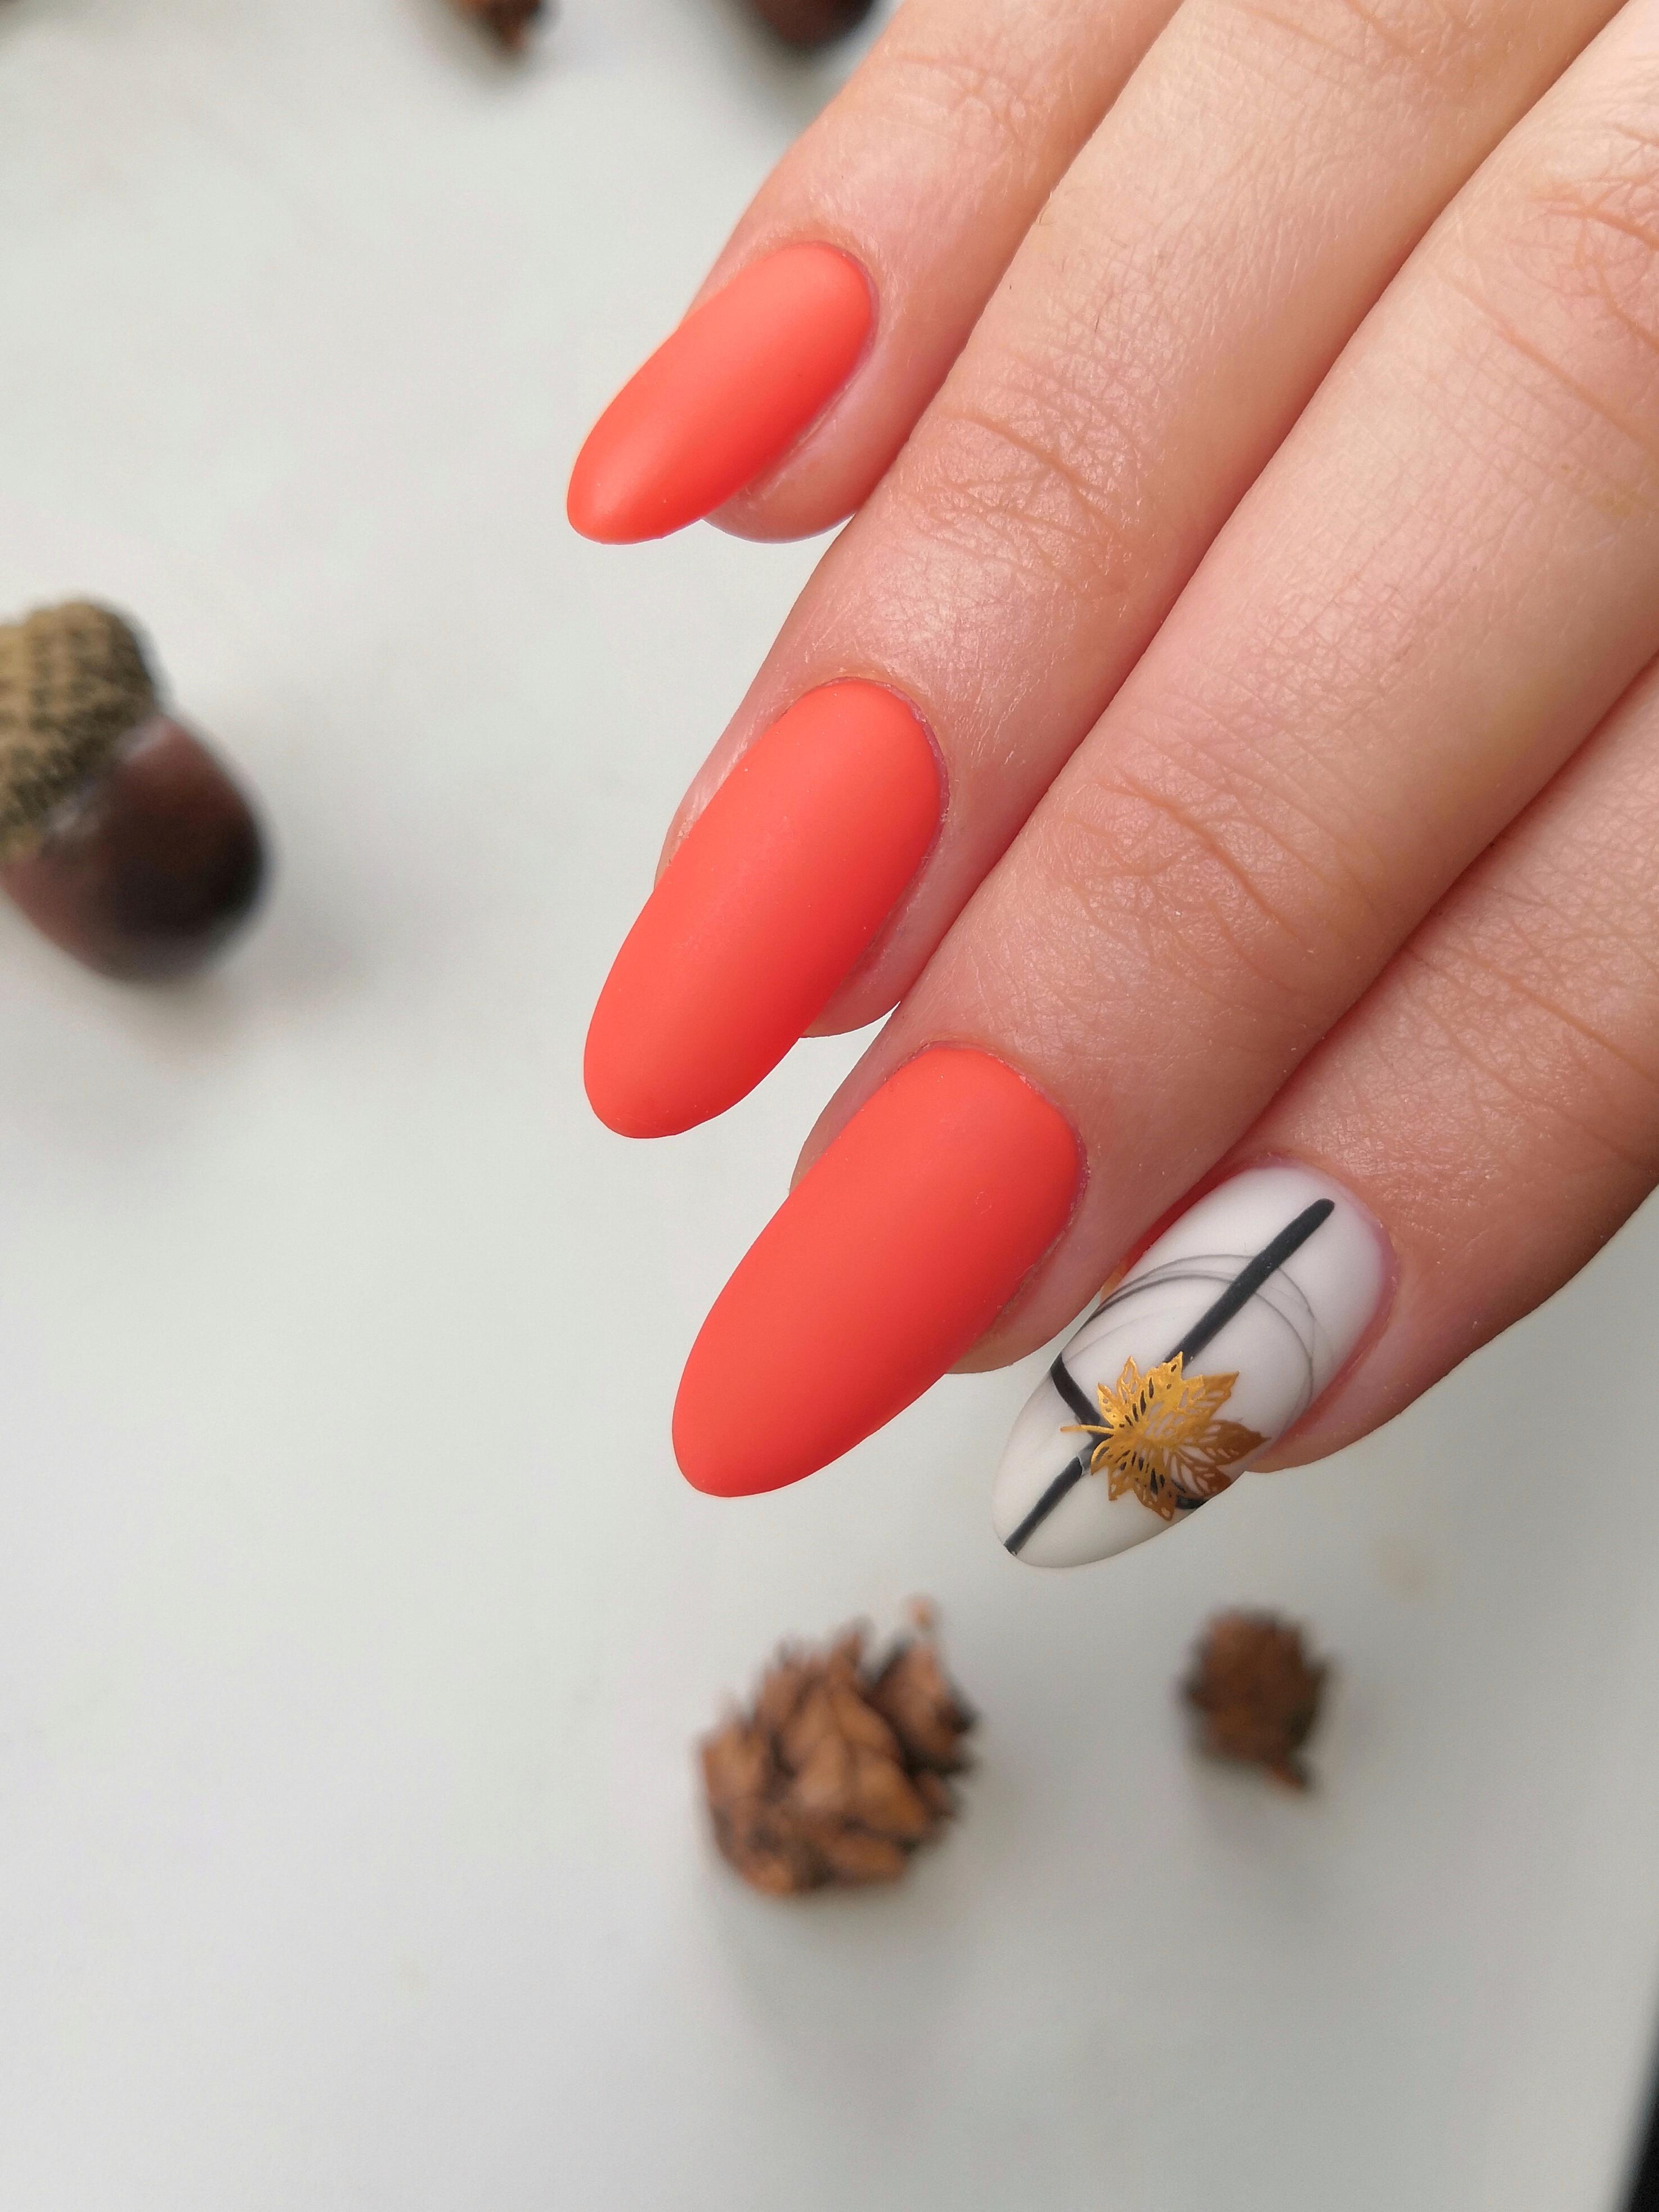 Осенний матовый маникюр с листочком в коралловом цвете на длинные ногти.